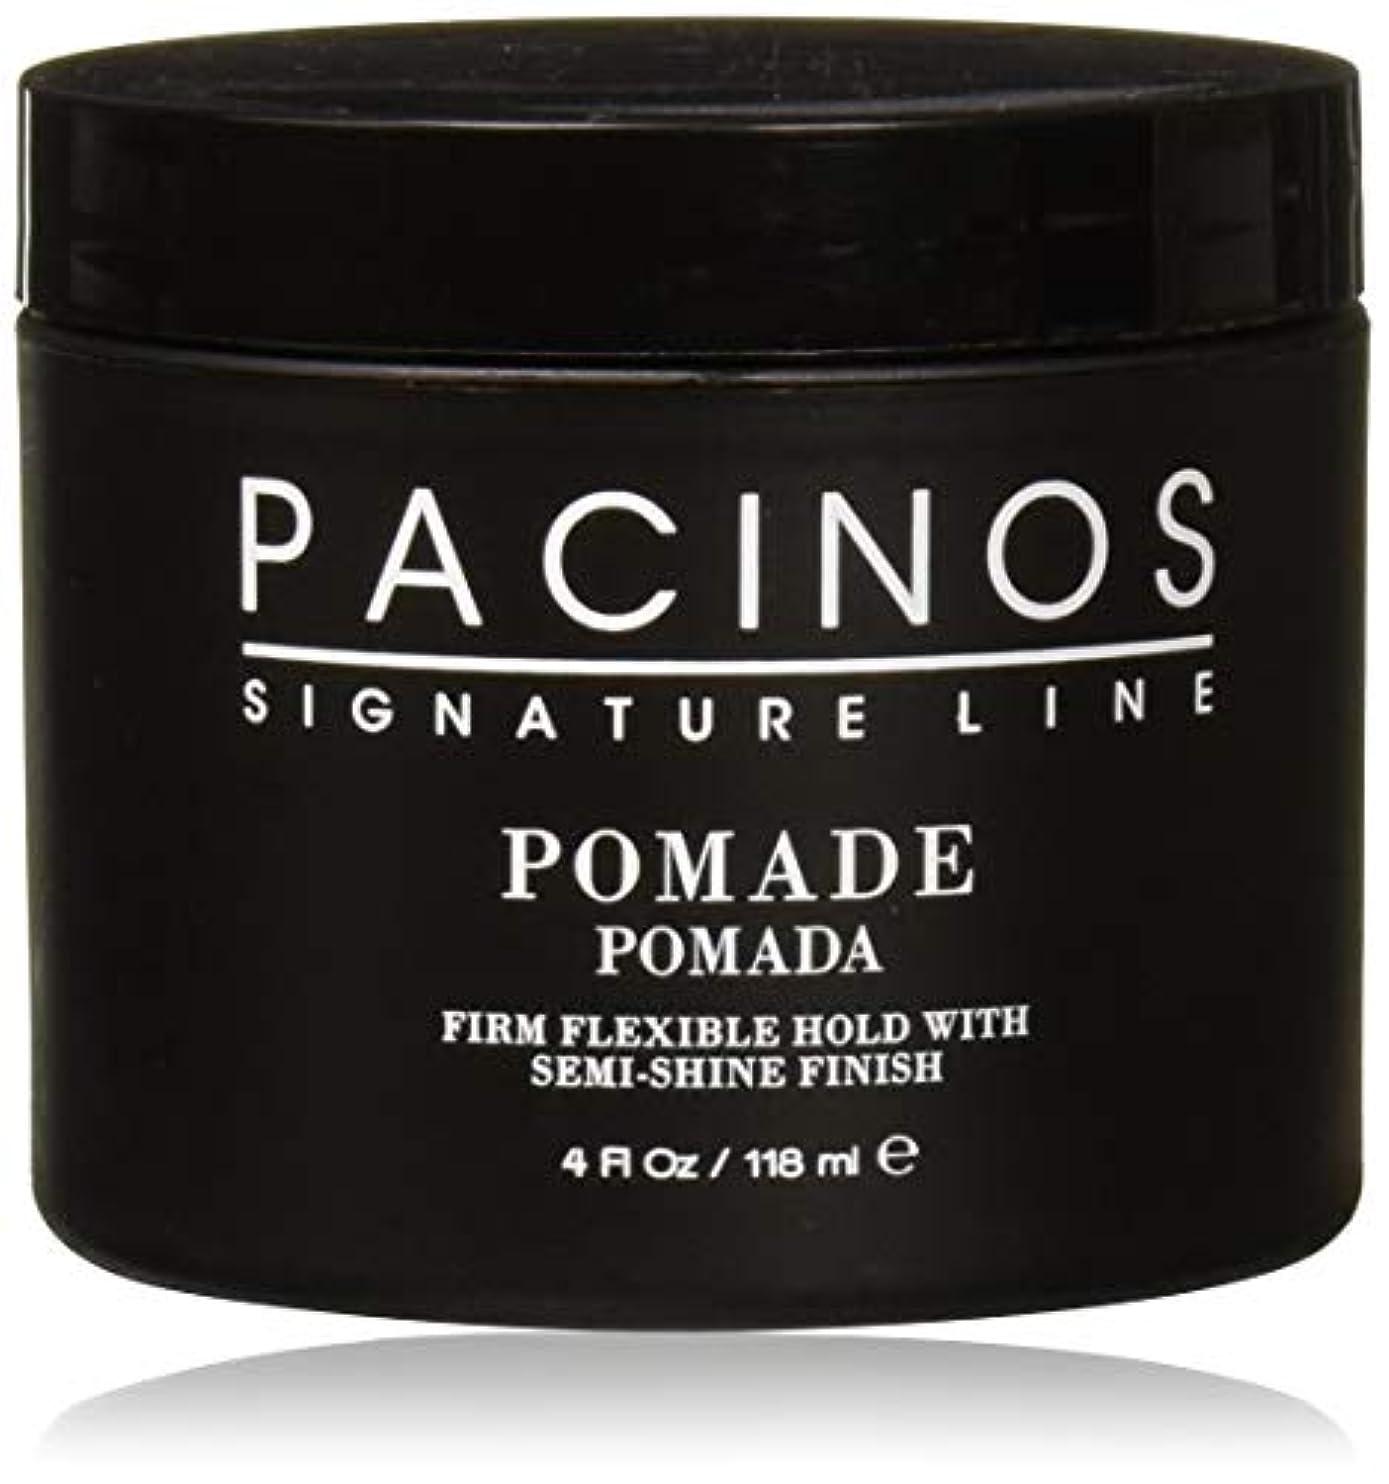 自発的遅れ交換可能Pacinos Pomade パチーノス?ポマード【日本正規品】4oz(118g)